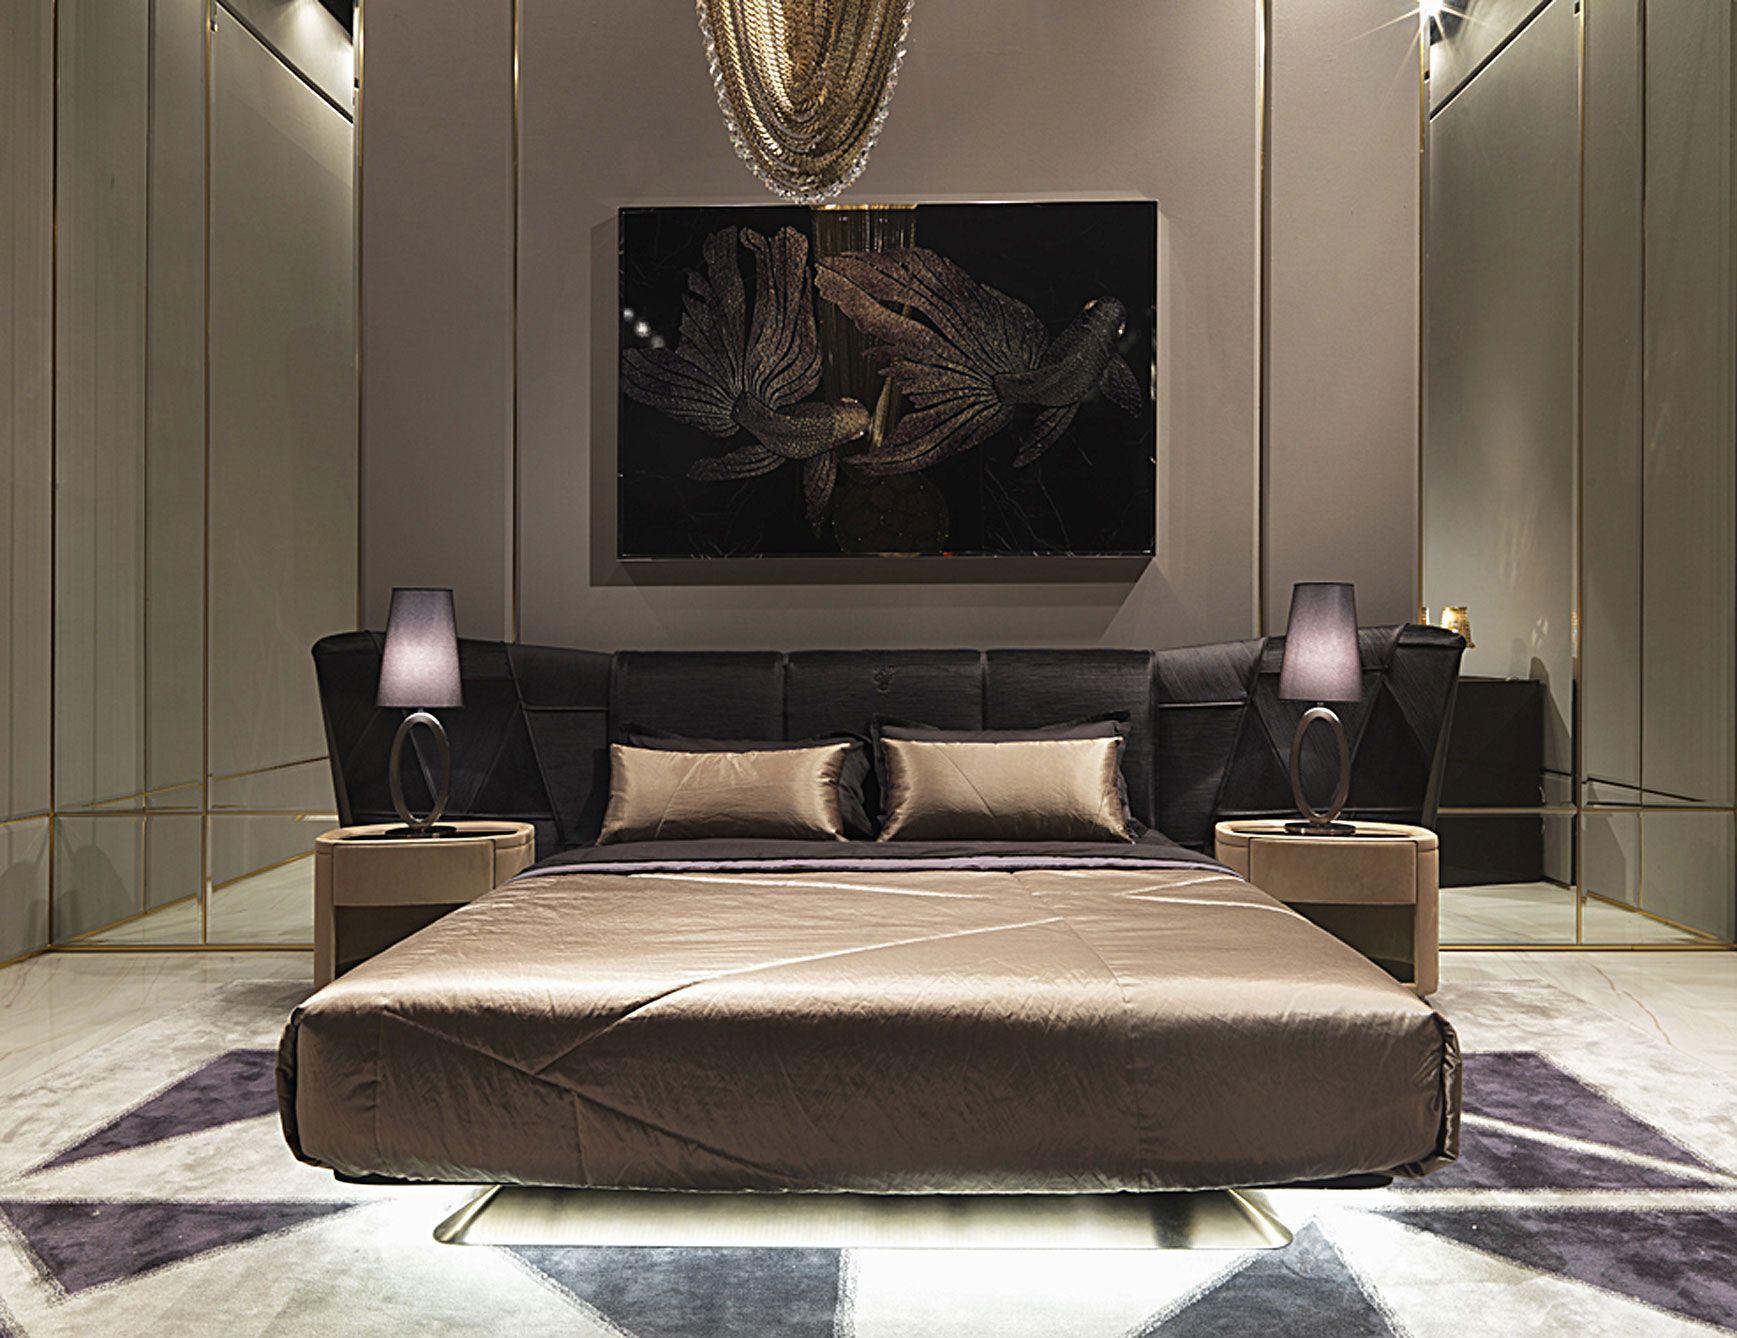 Besten Bett Designs Luxus Schlafzimmer Interieur Designer